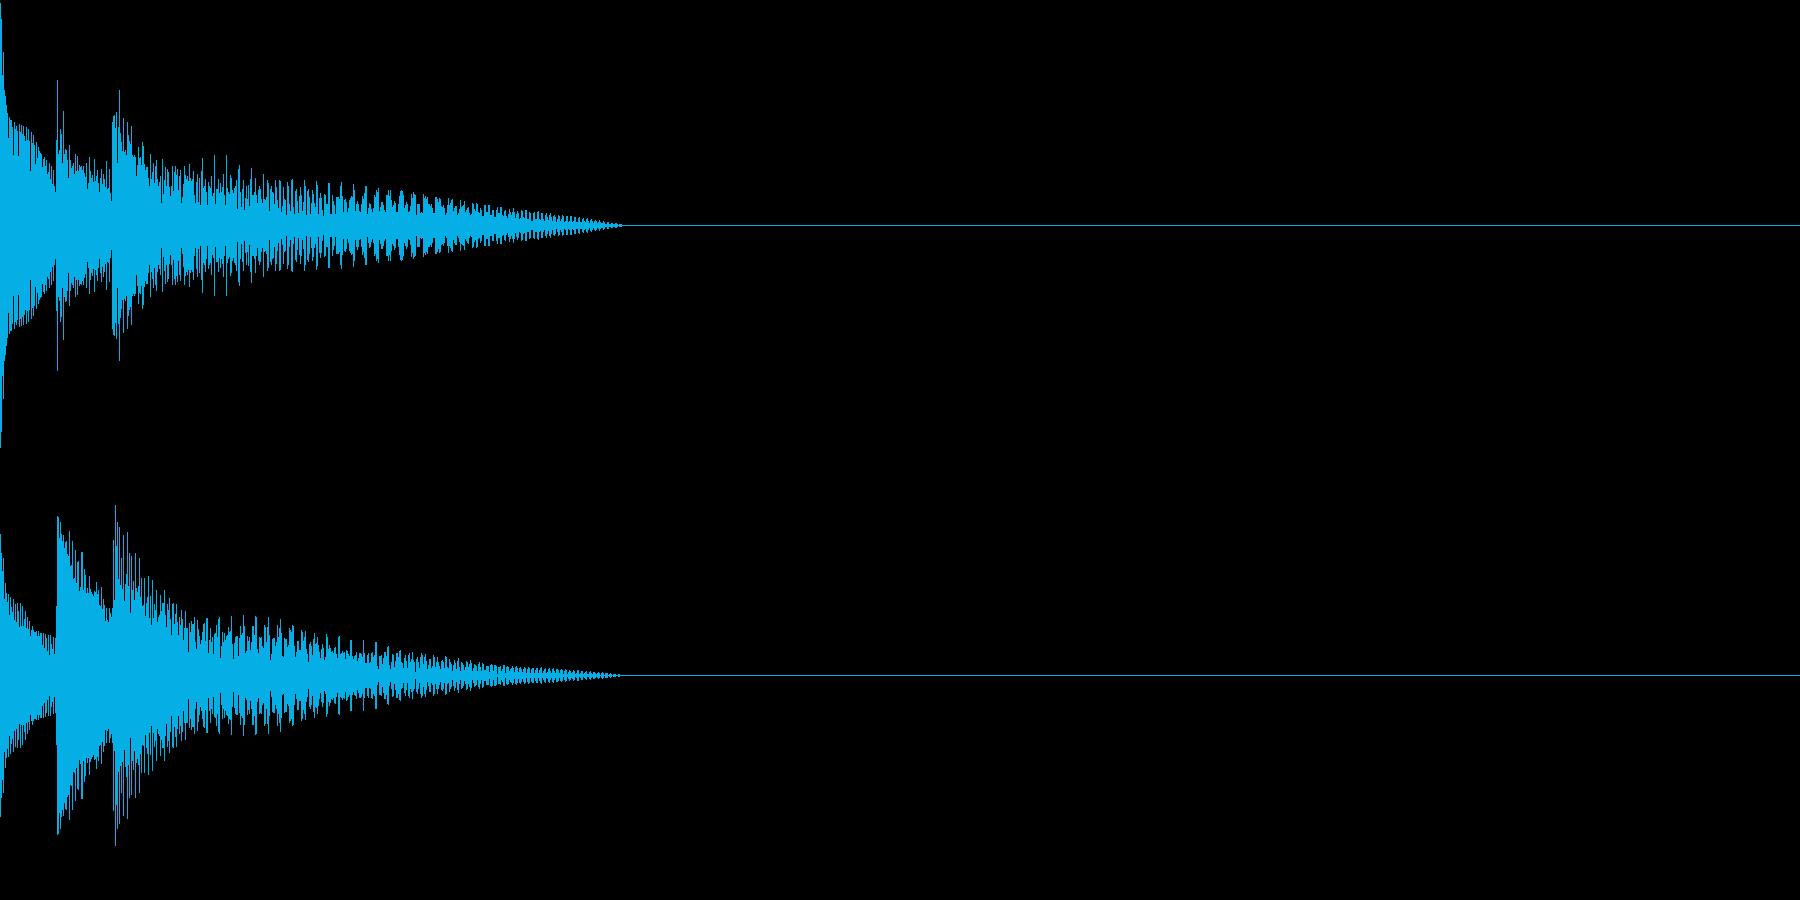 Cursor セレクト・カーソルの音13の再生済みの波形